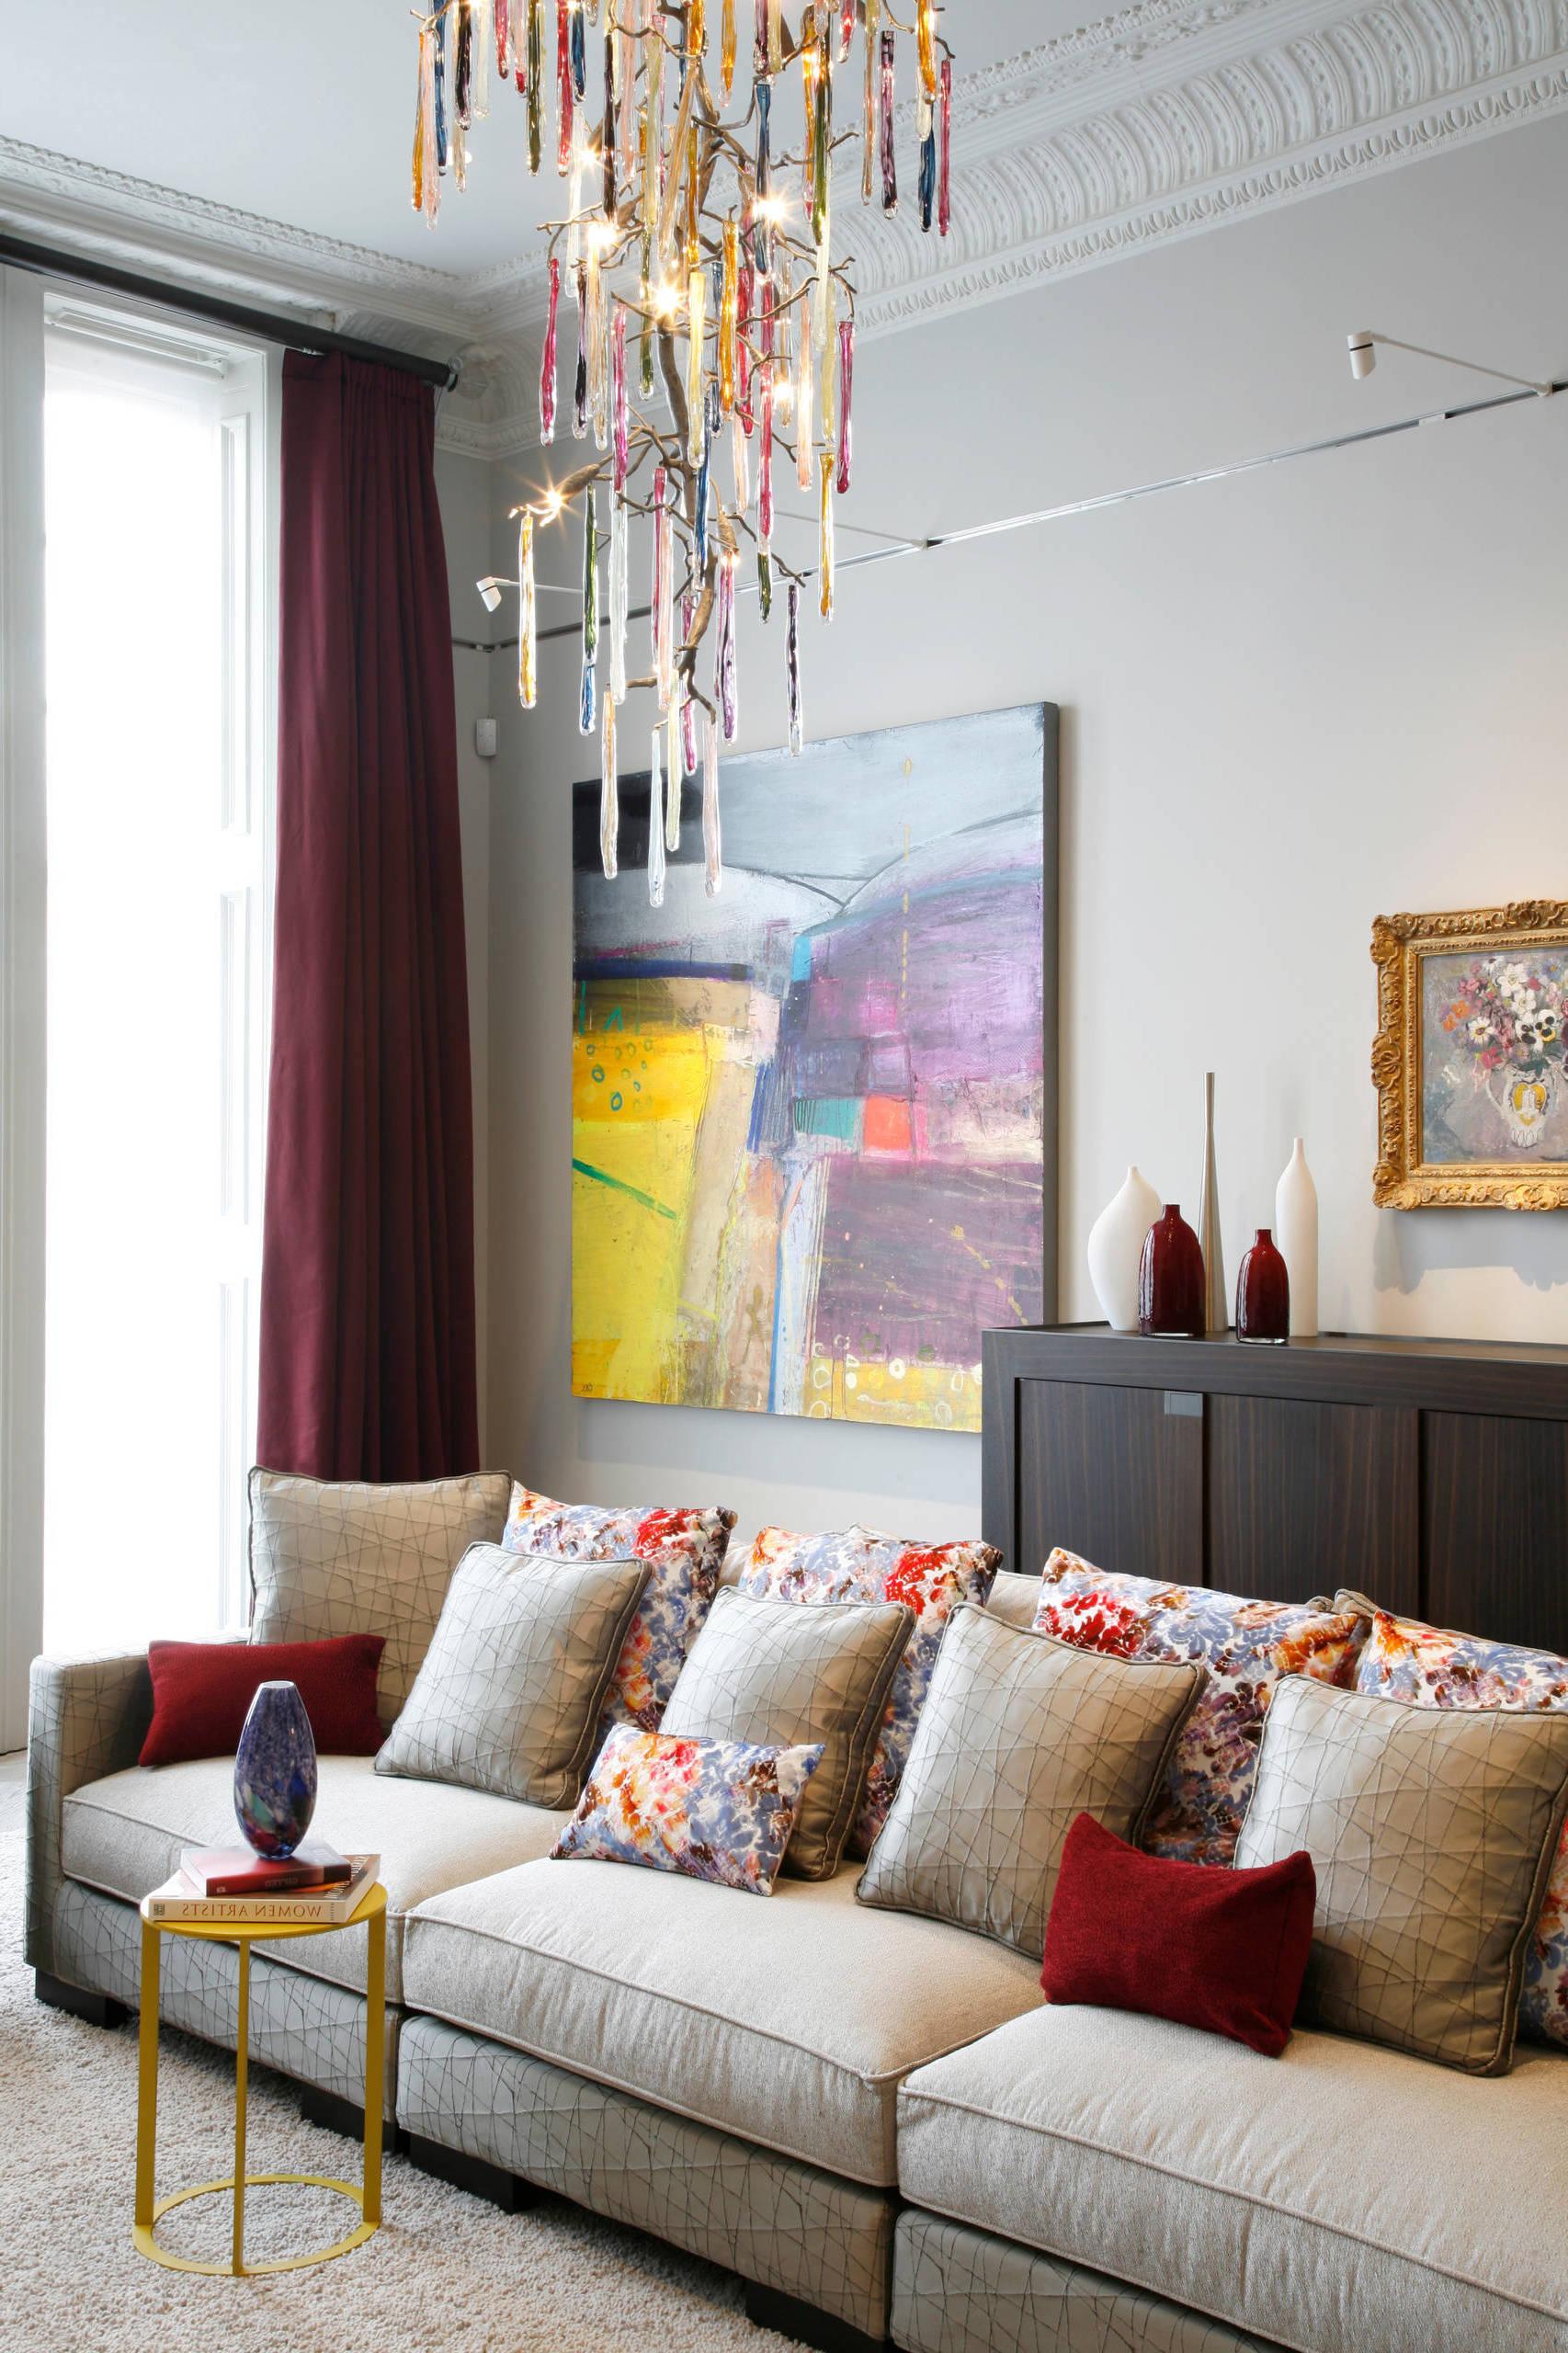 Gemälde für Zuhause - 5 Tipps, wie Sie Kunst online kaufen